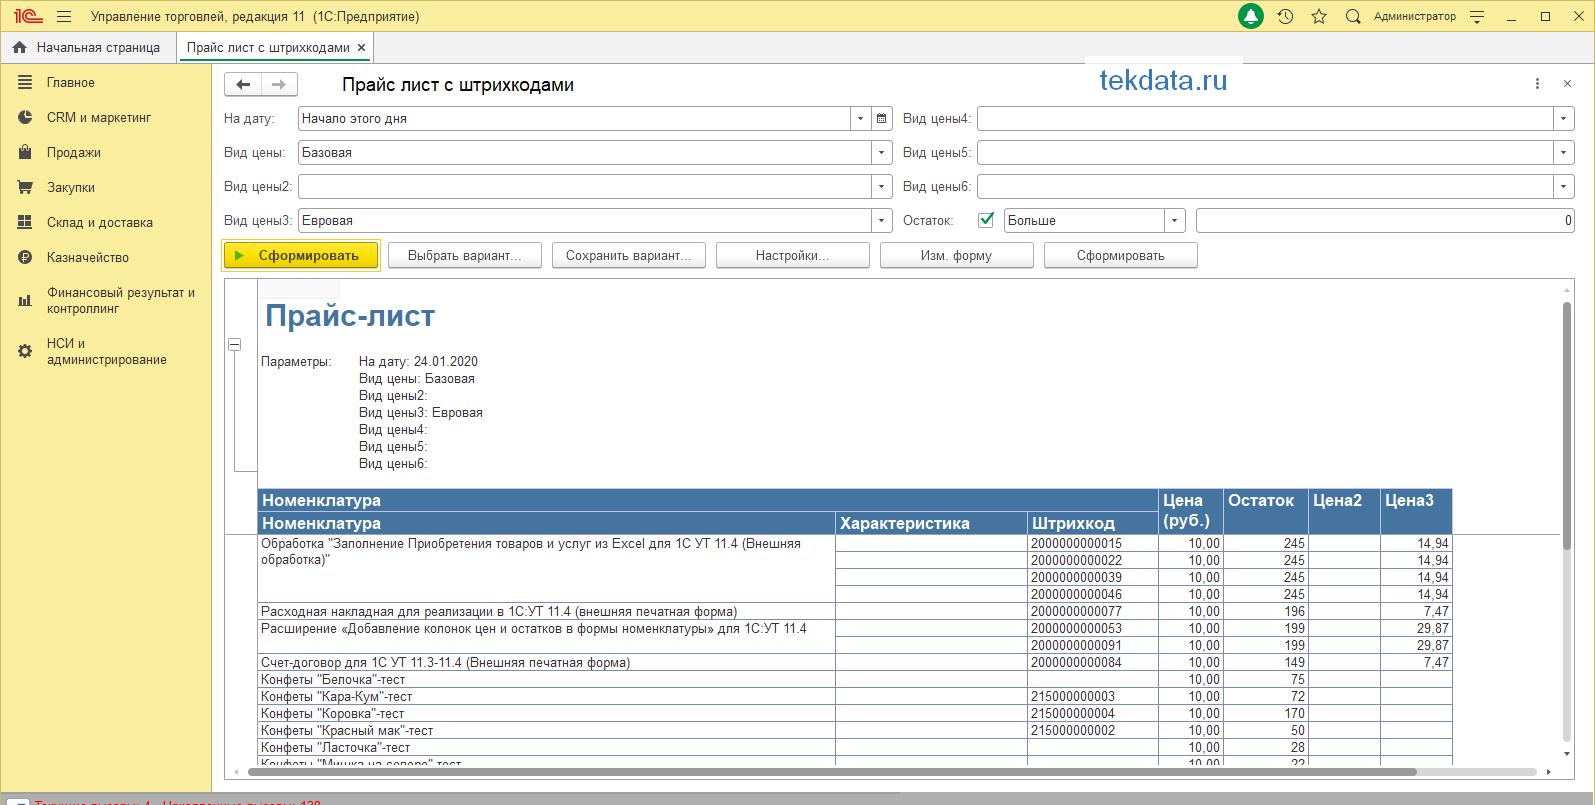 Прайс-лист со штрихкодами для 1С УТ 11.4 (внешний отчет)